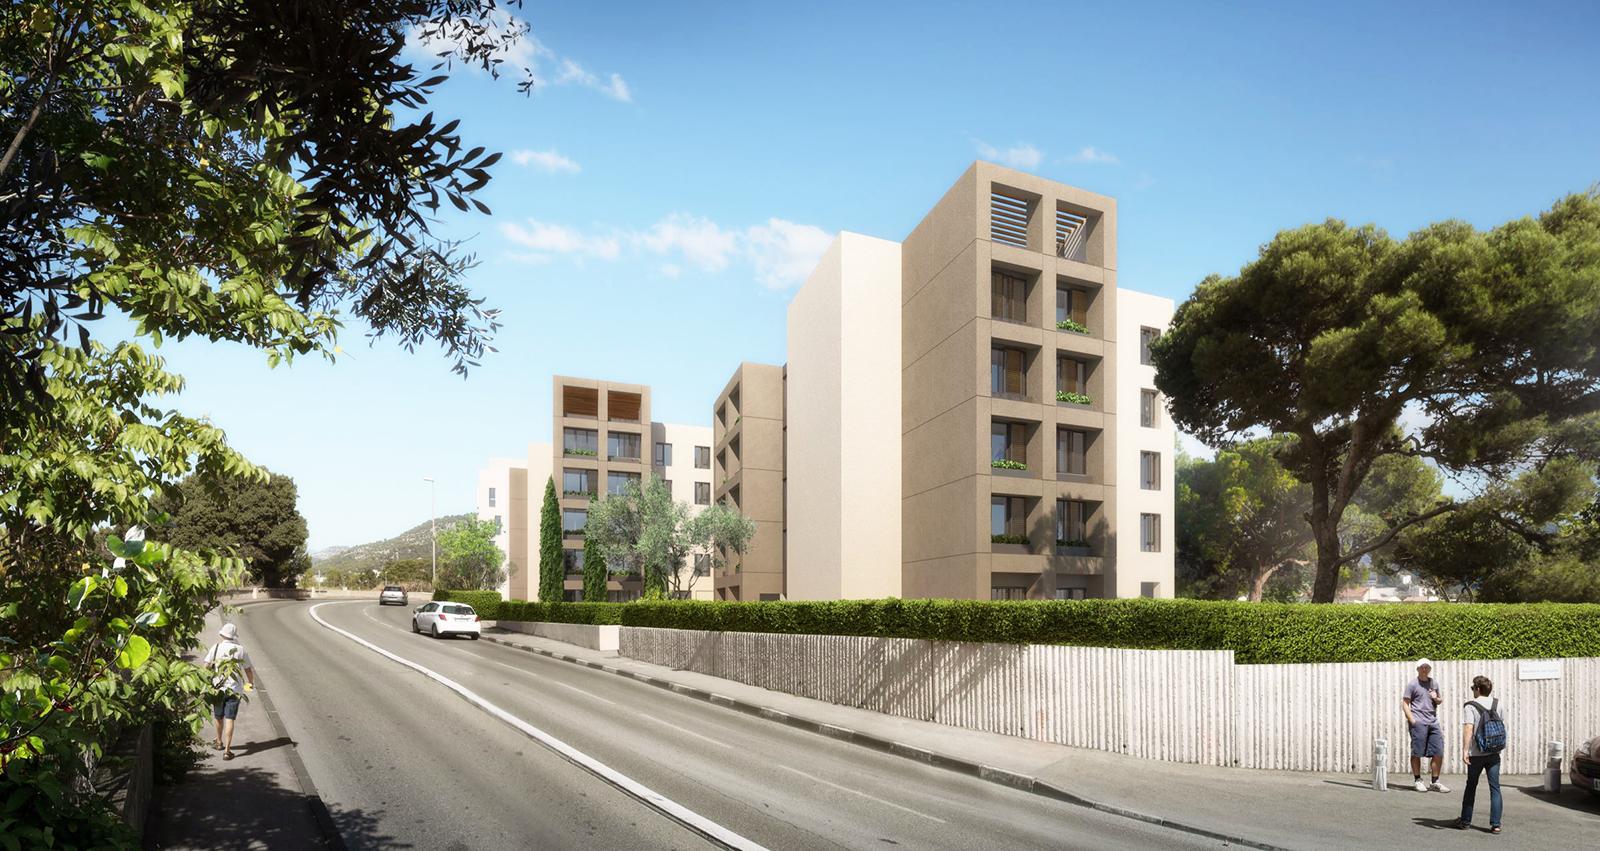 concours projet architecture, exemple projet logements sociaux